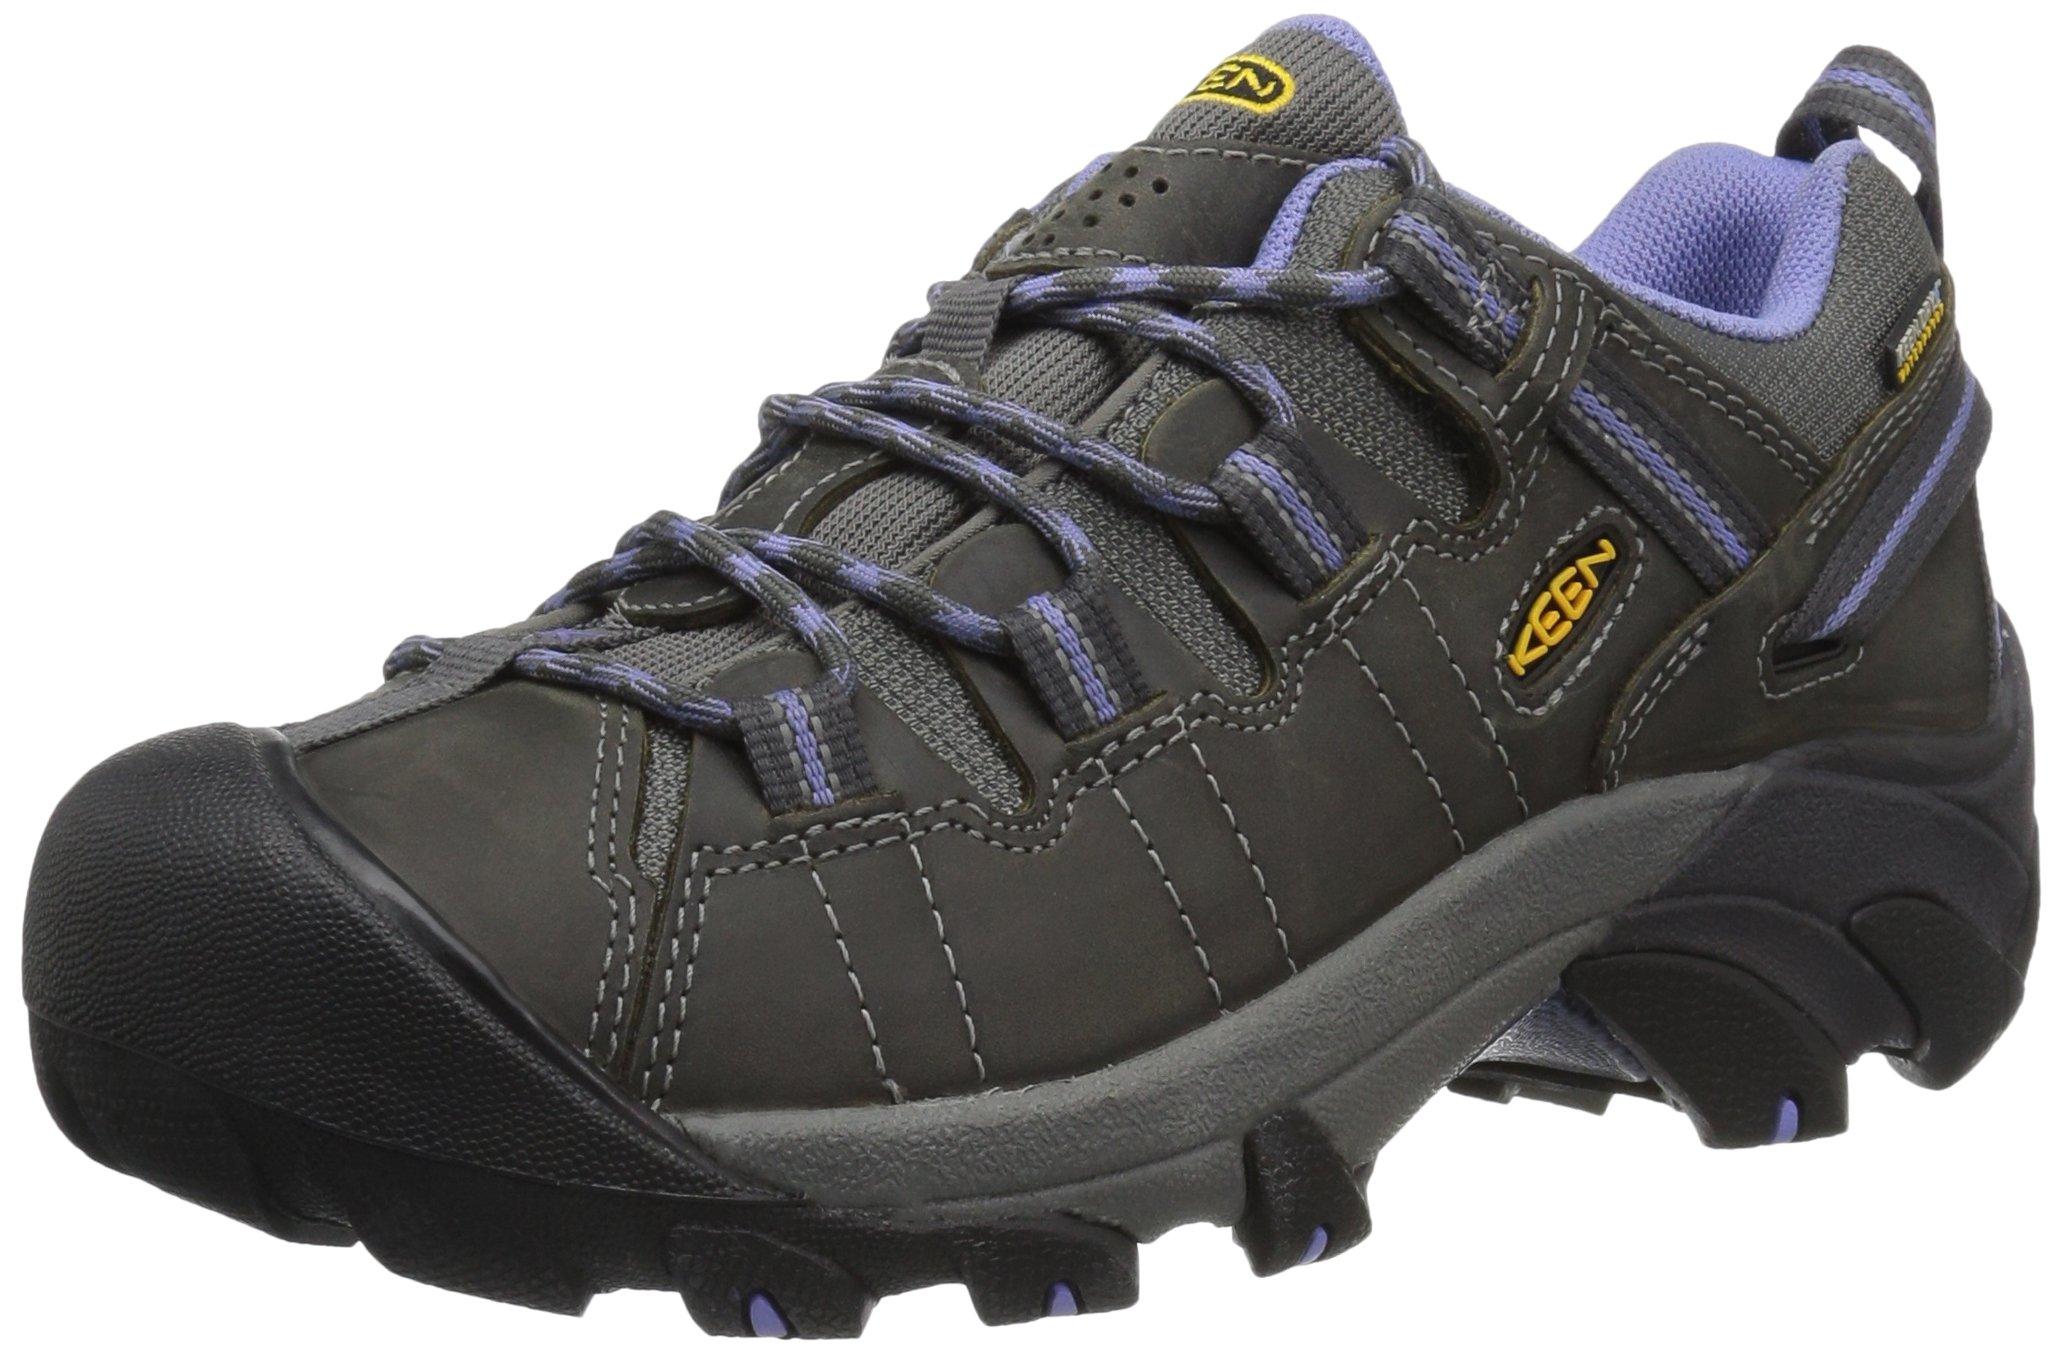 KEEN Women's Targhee II Outdoor Shoe, Magnet/Periwinkle, 8.5 M US by KEEN